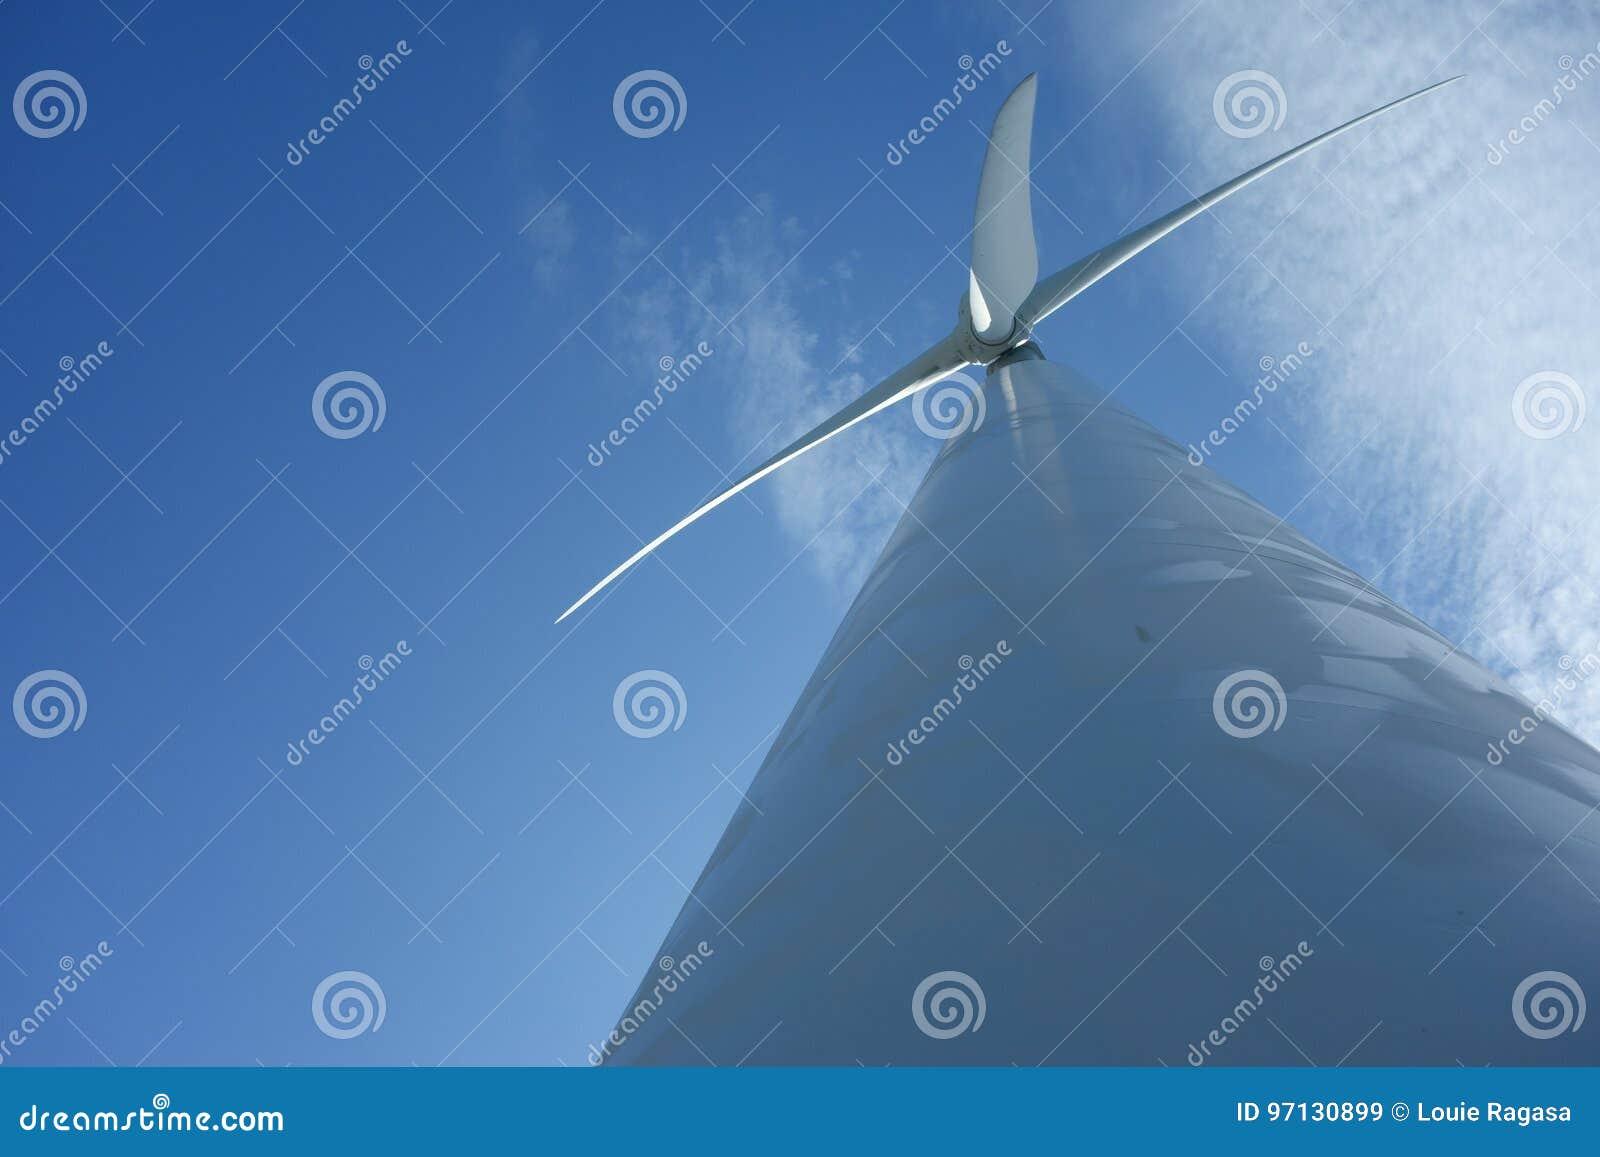 Field green turbines wind